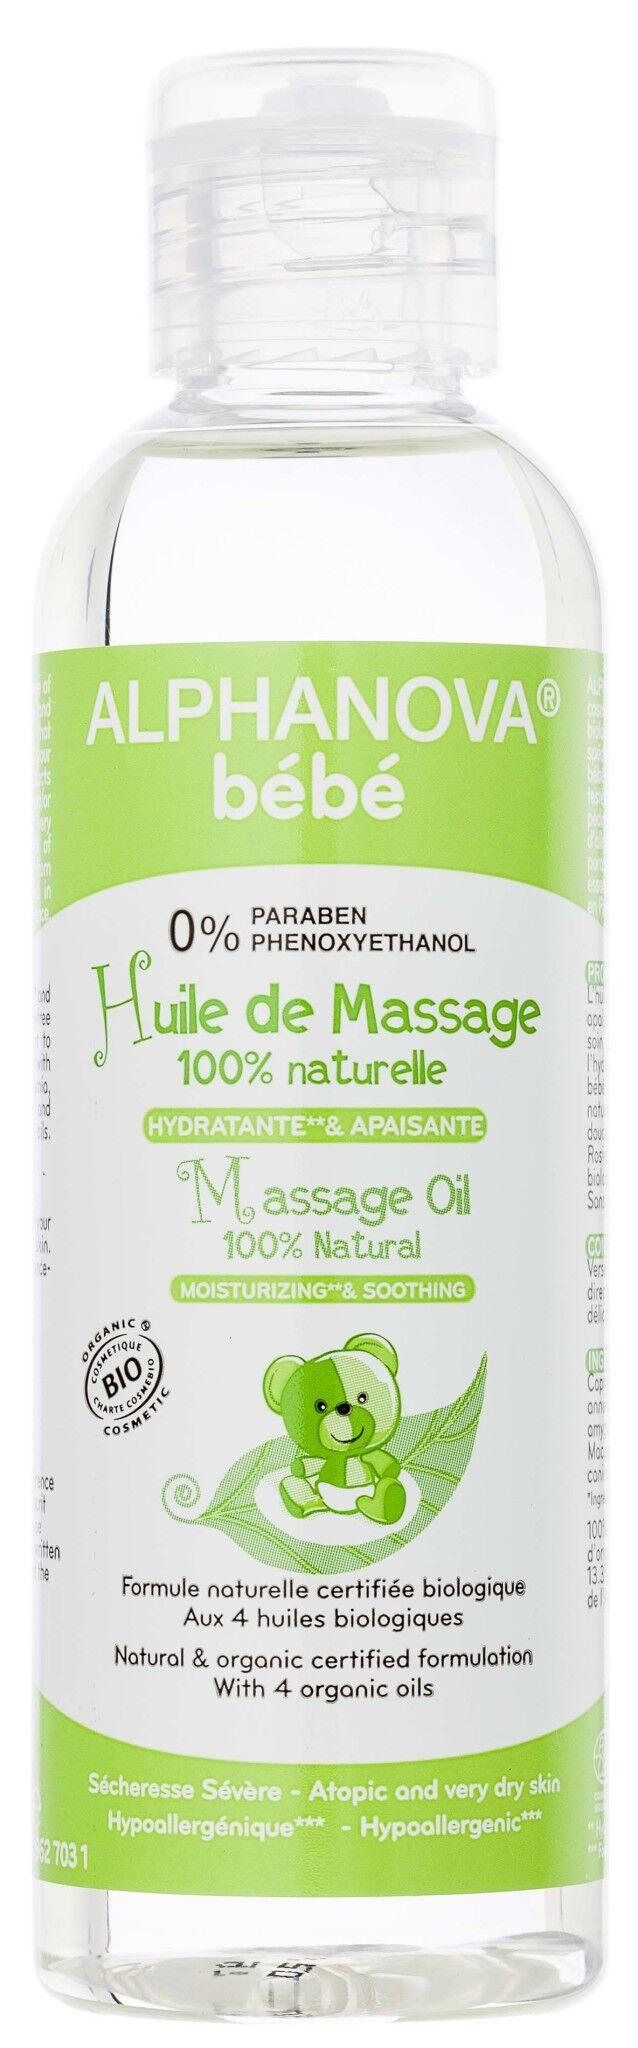 Alphanova bebe huile de massage 100ml